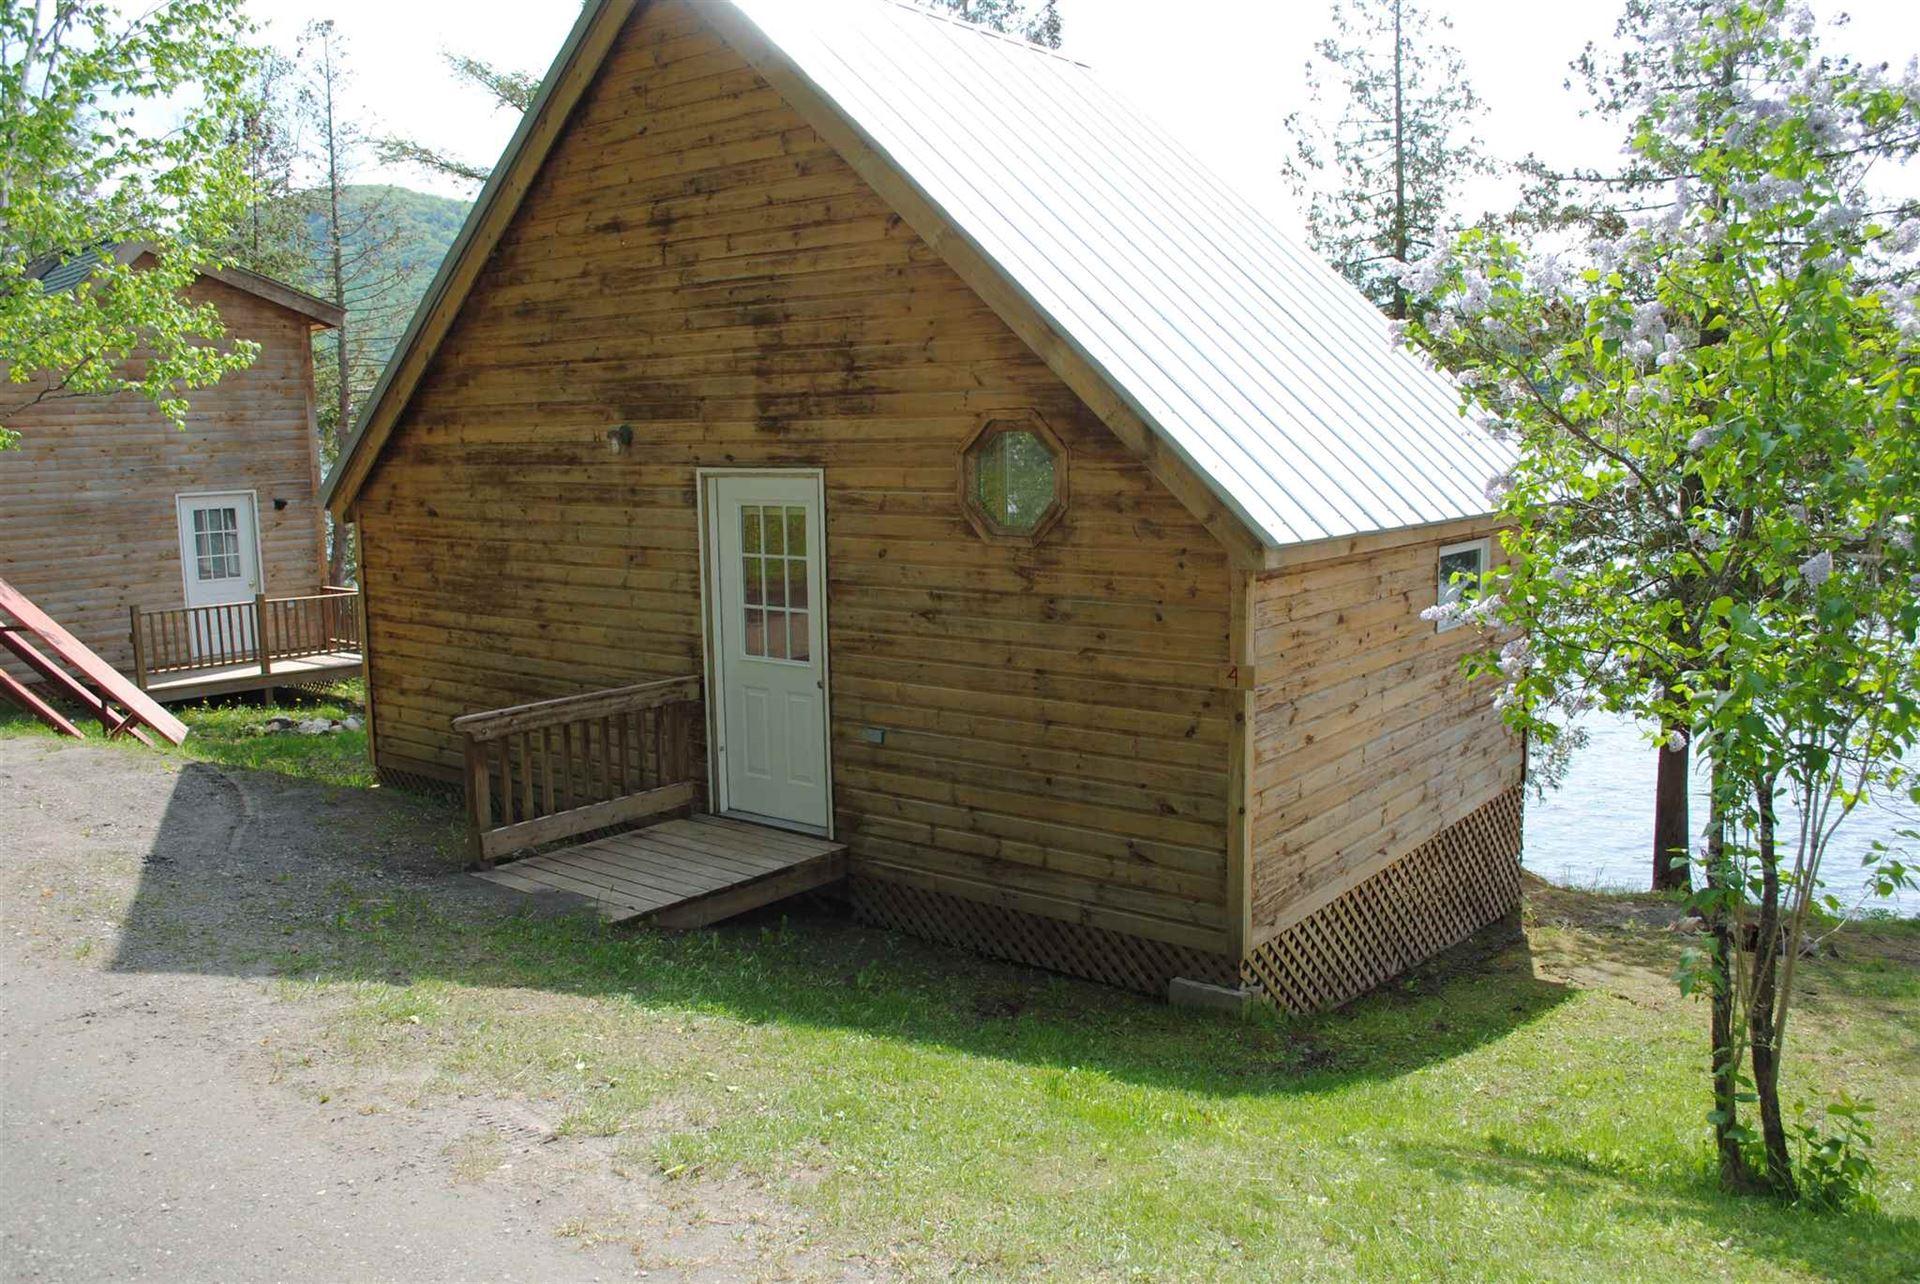 Cabin #4 Campers Lane, Barnet, VT 05821 - #: 4809121